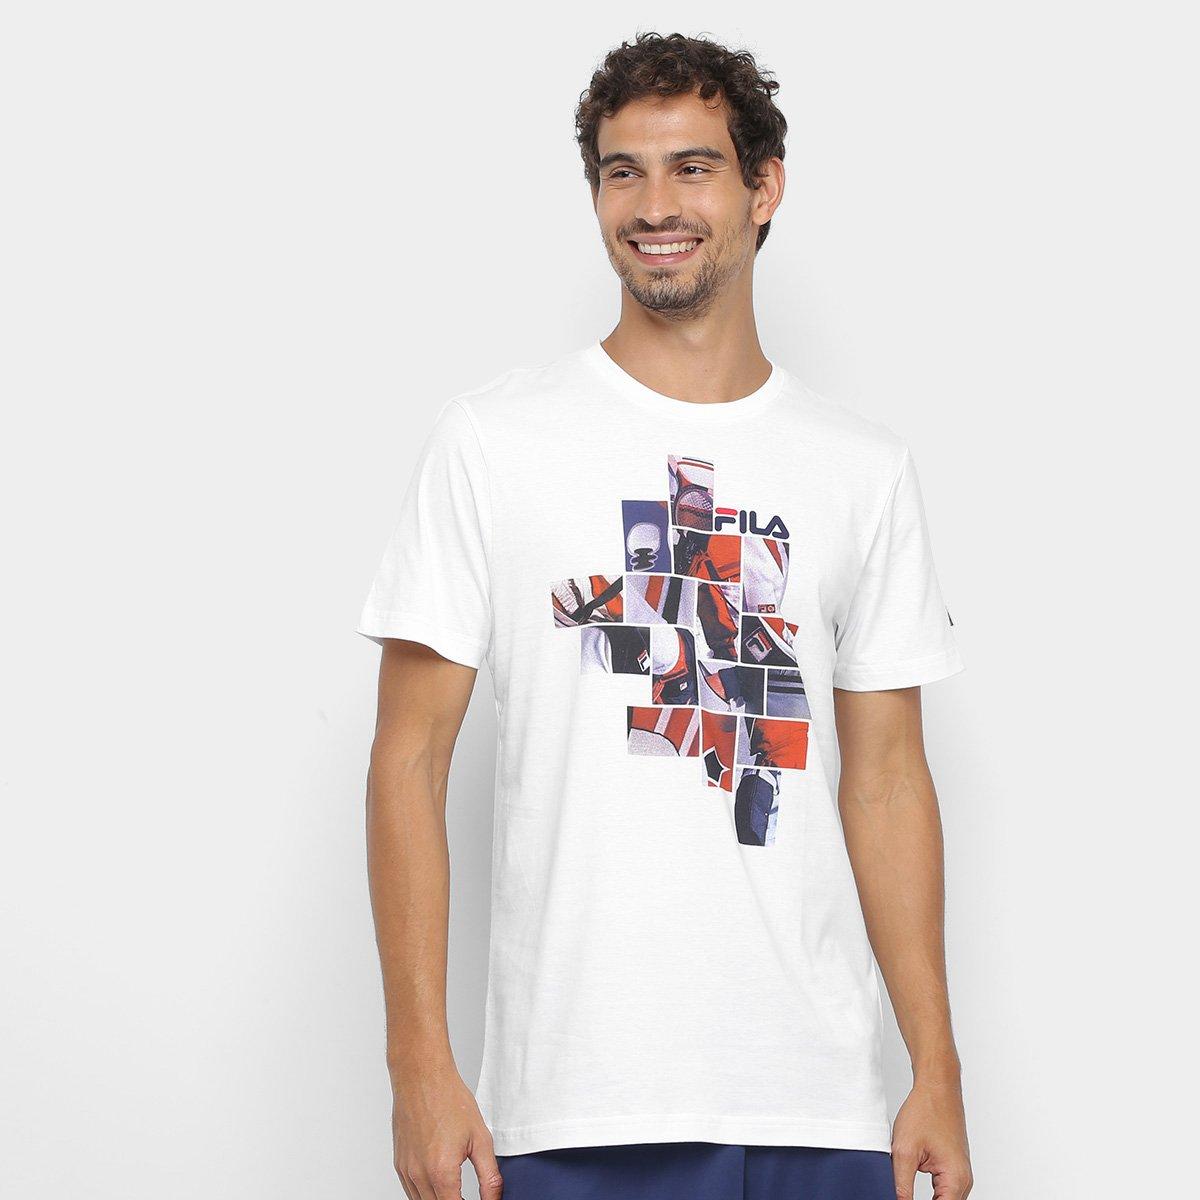 Camiseta Fila Collage Masculina